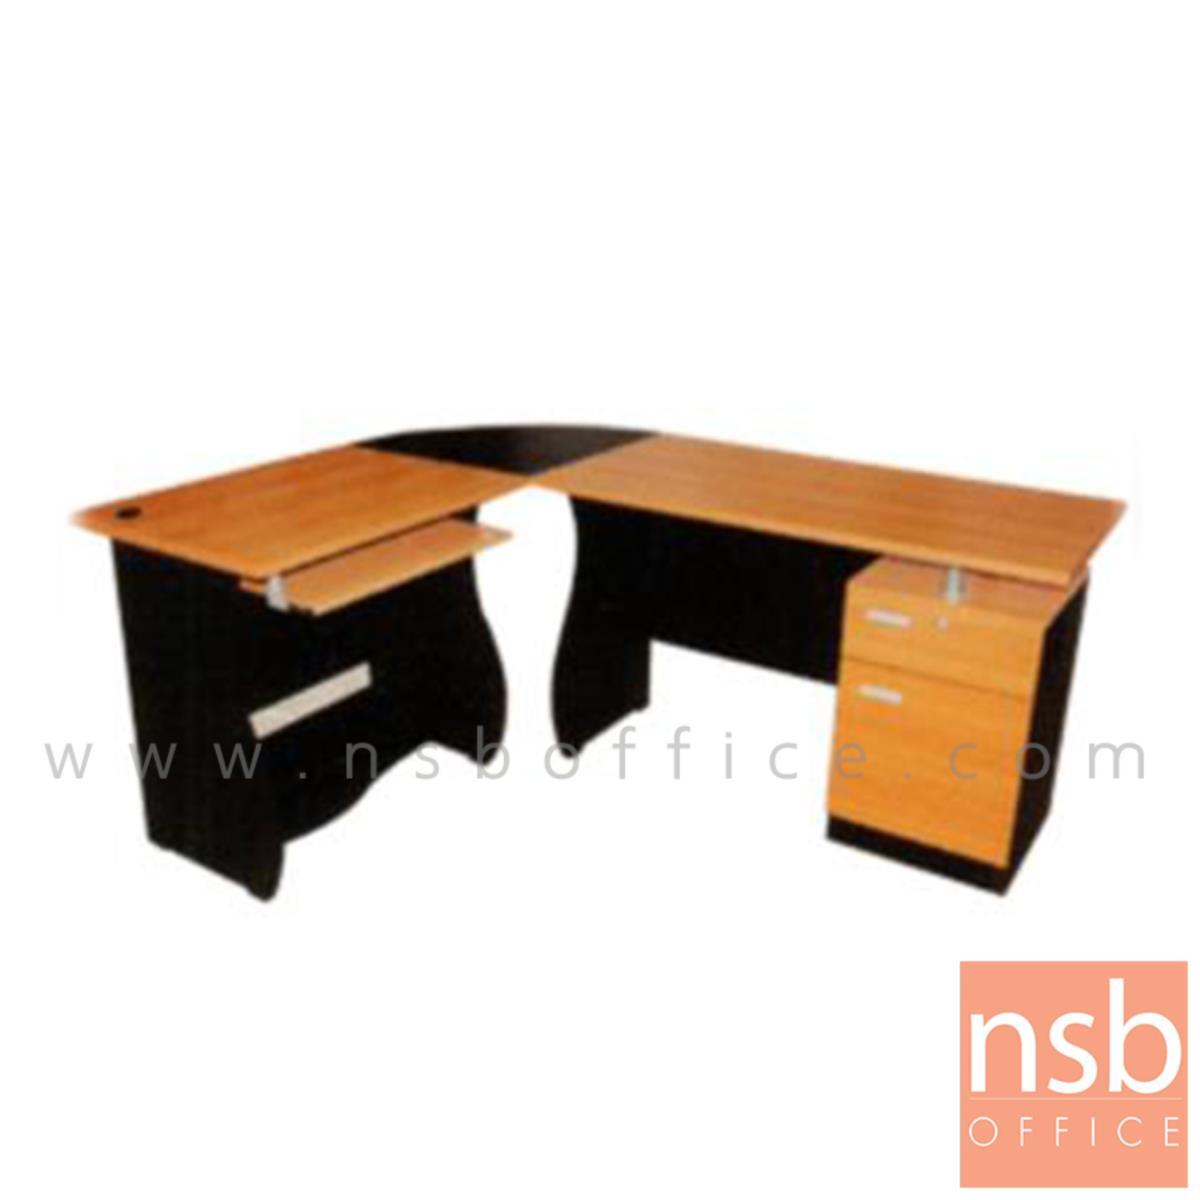 A16A039:โต๊ะผู้บริหารตัวแอลหัวโค้ง 1 ลิ้นชัก 1 บานเปิด รุ่น Metallique (เมทอลลิก) ขนาด 180W1*140W2 cm.  เมลามีน สีเชอร์รี่ดำ